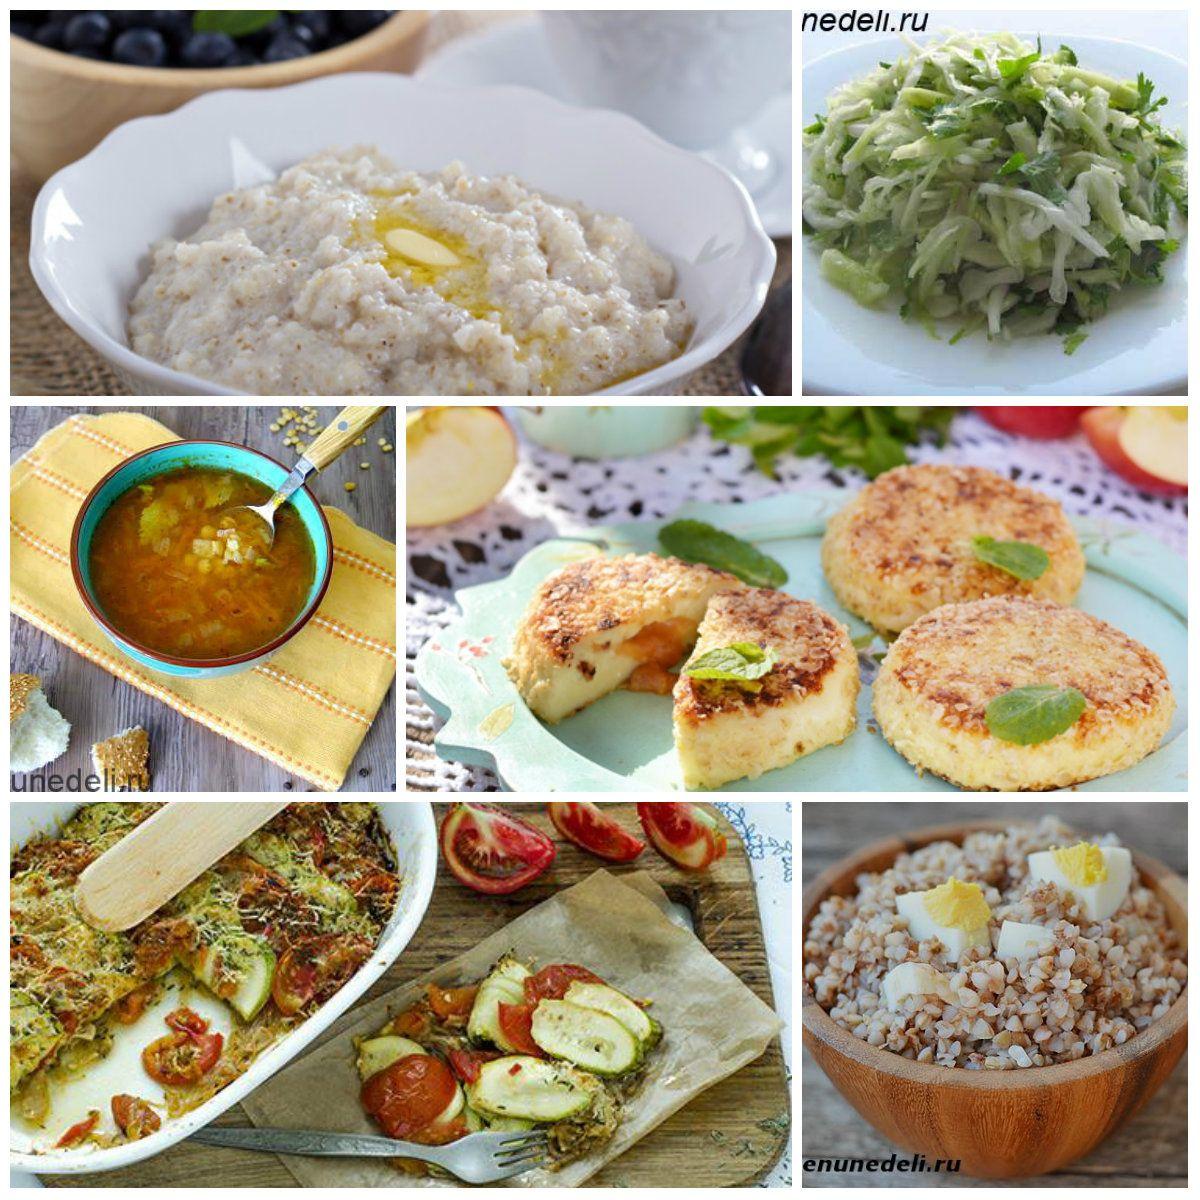 Вегетарианская диета для похудения меню на каждый